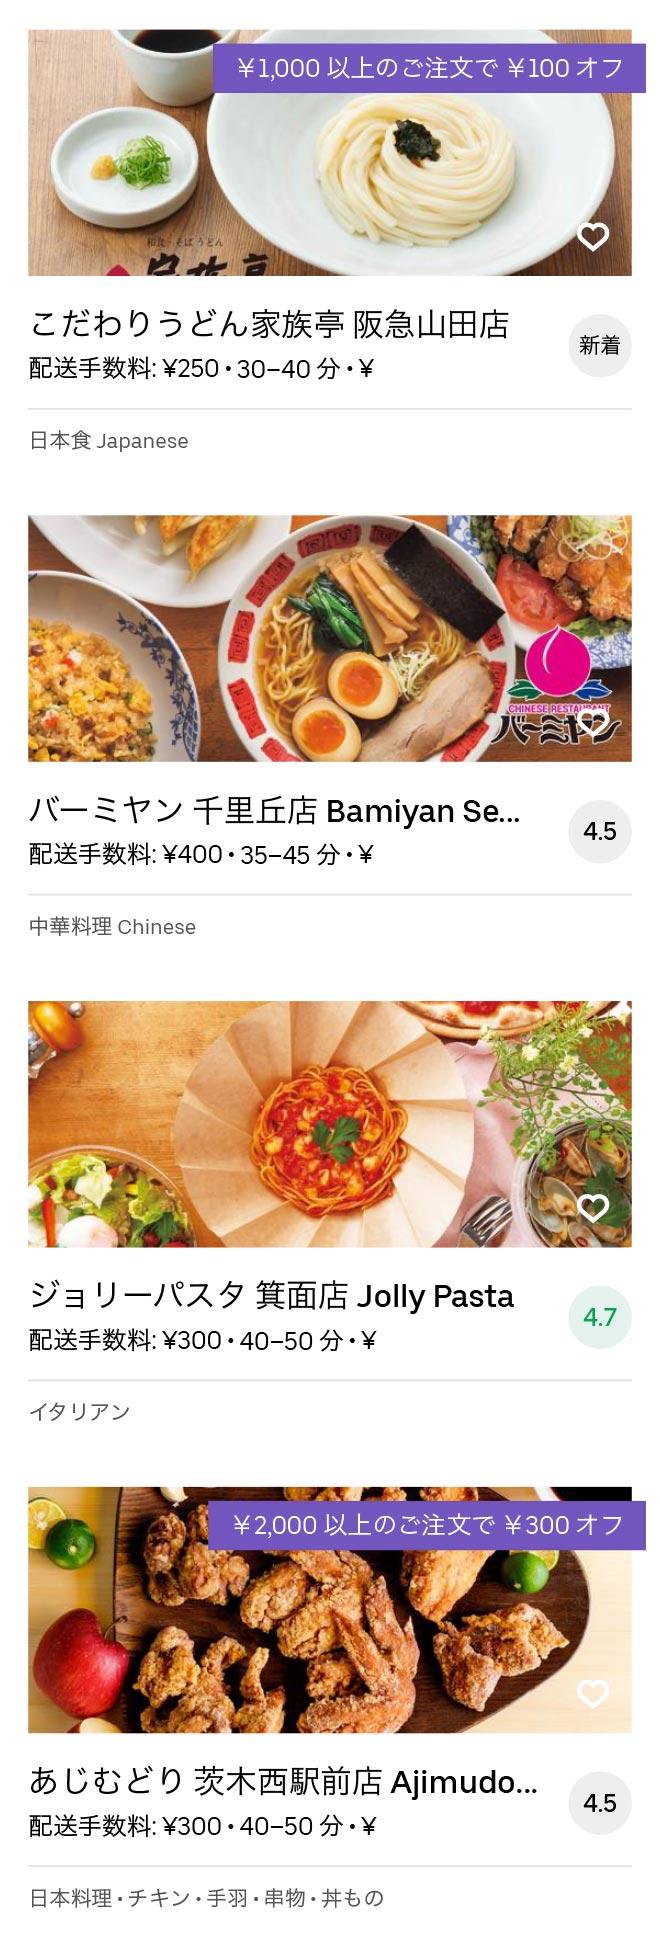 Handai byoin menu 2008 04